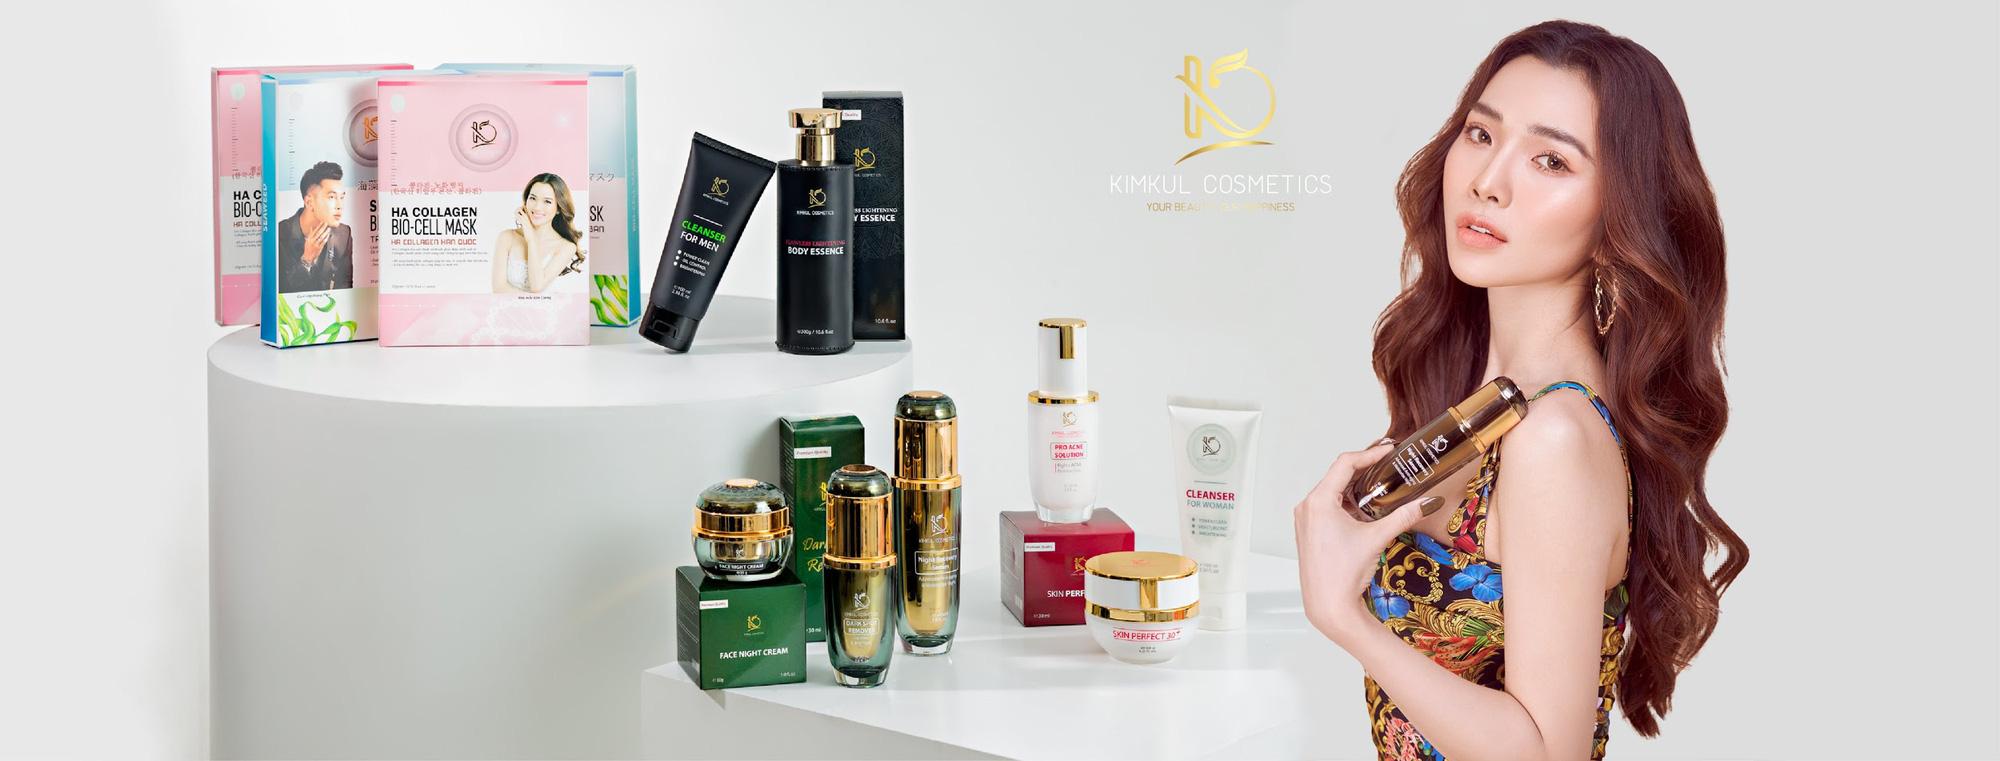 Siêu mẫu Kim Cương và hành trình 10 năm ấp ủ thương hiệu mỹ phẩm cao cấp thuần Việt - Ảnh 4.